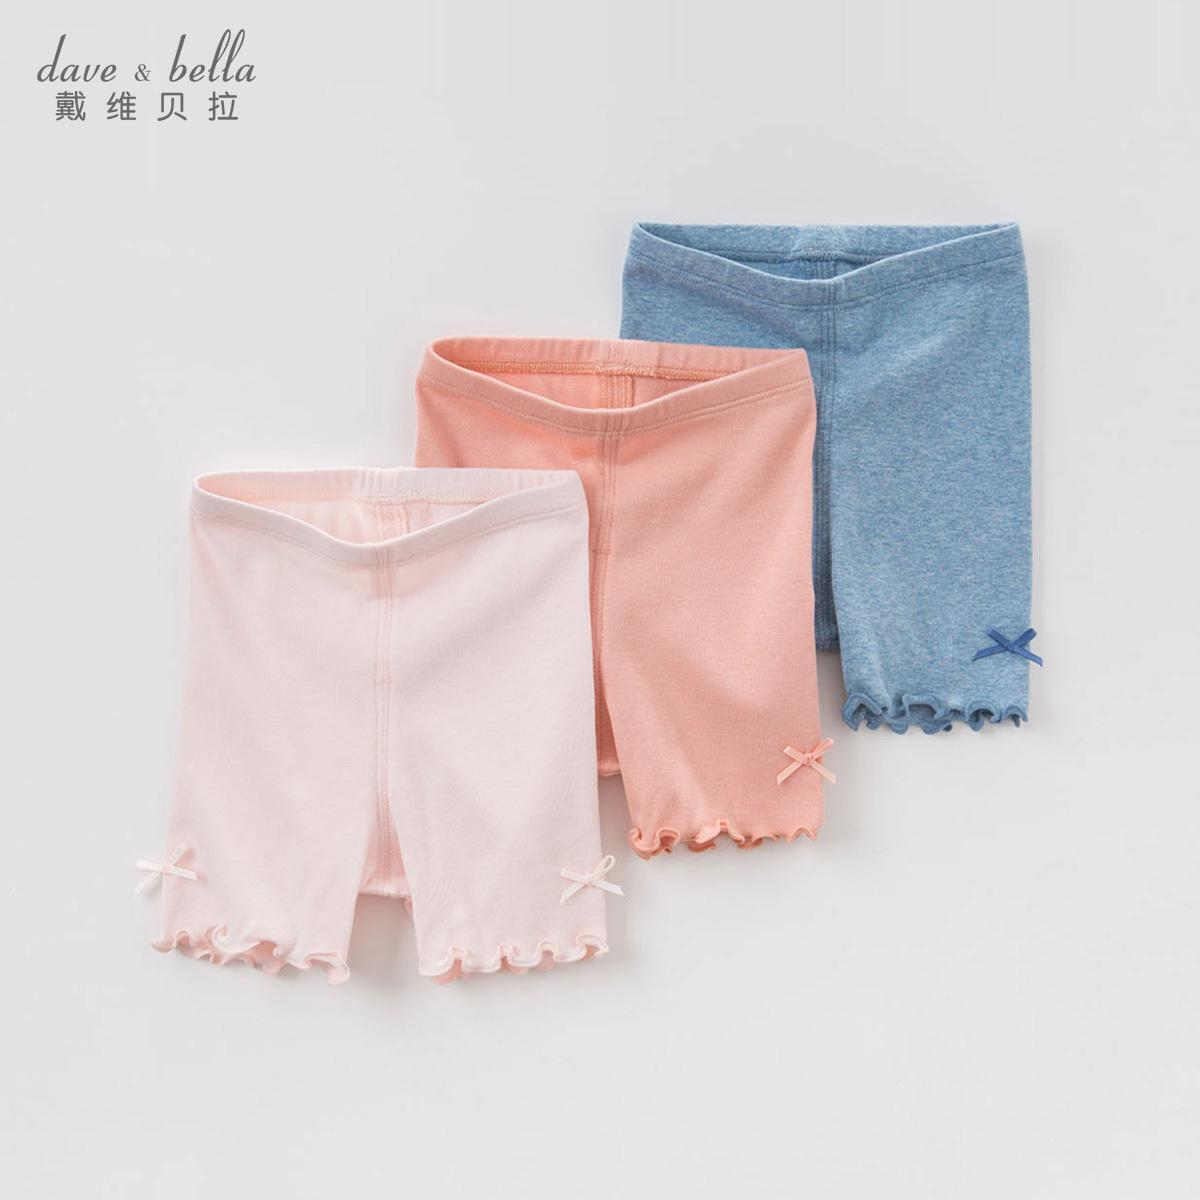 davebella戴维贝拉夏季新款女童糖果色五分裤 宝宝休闲短裤DB7020